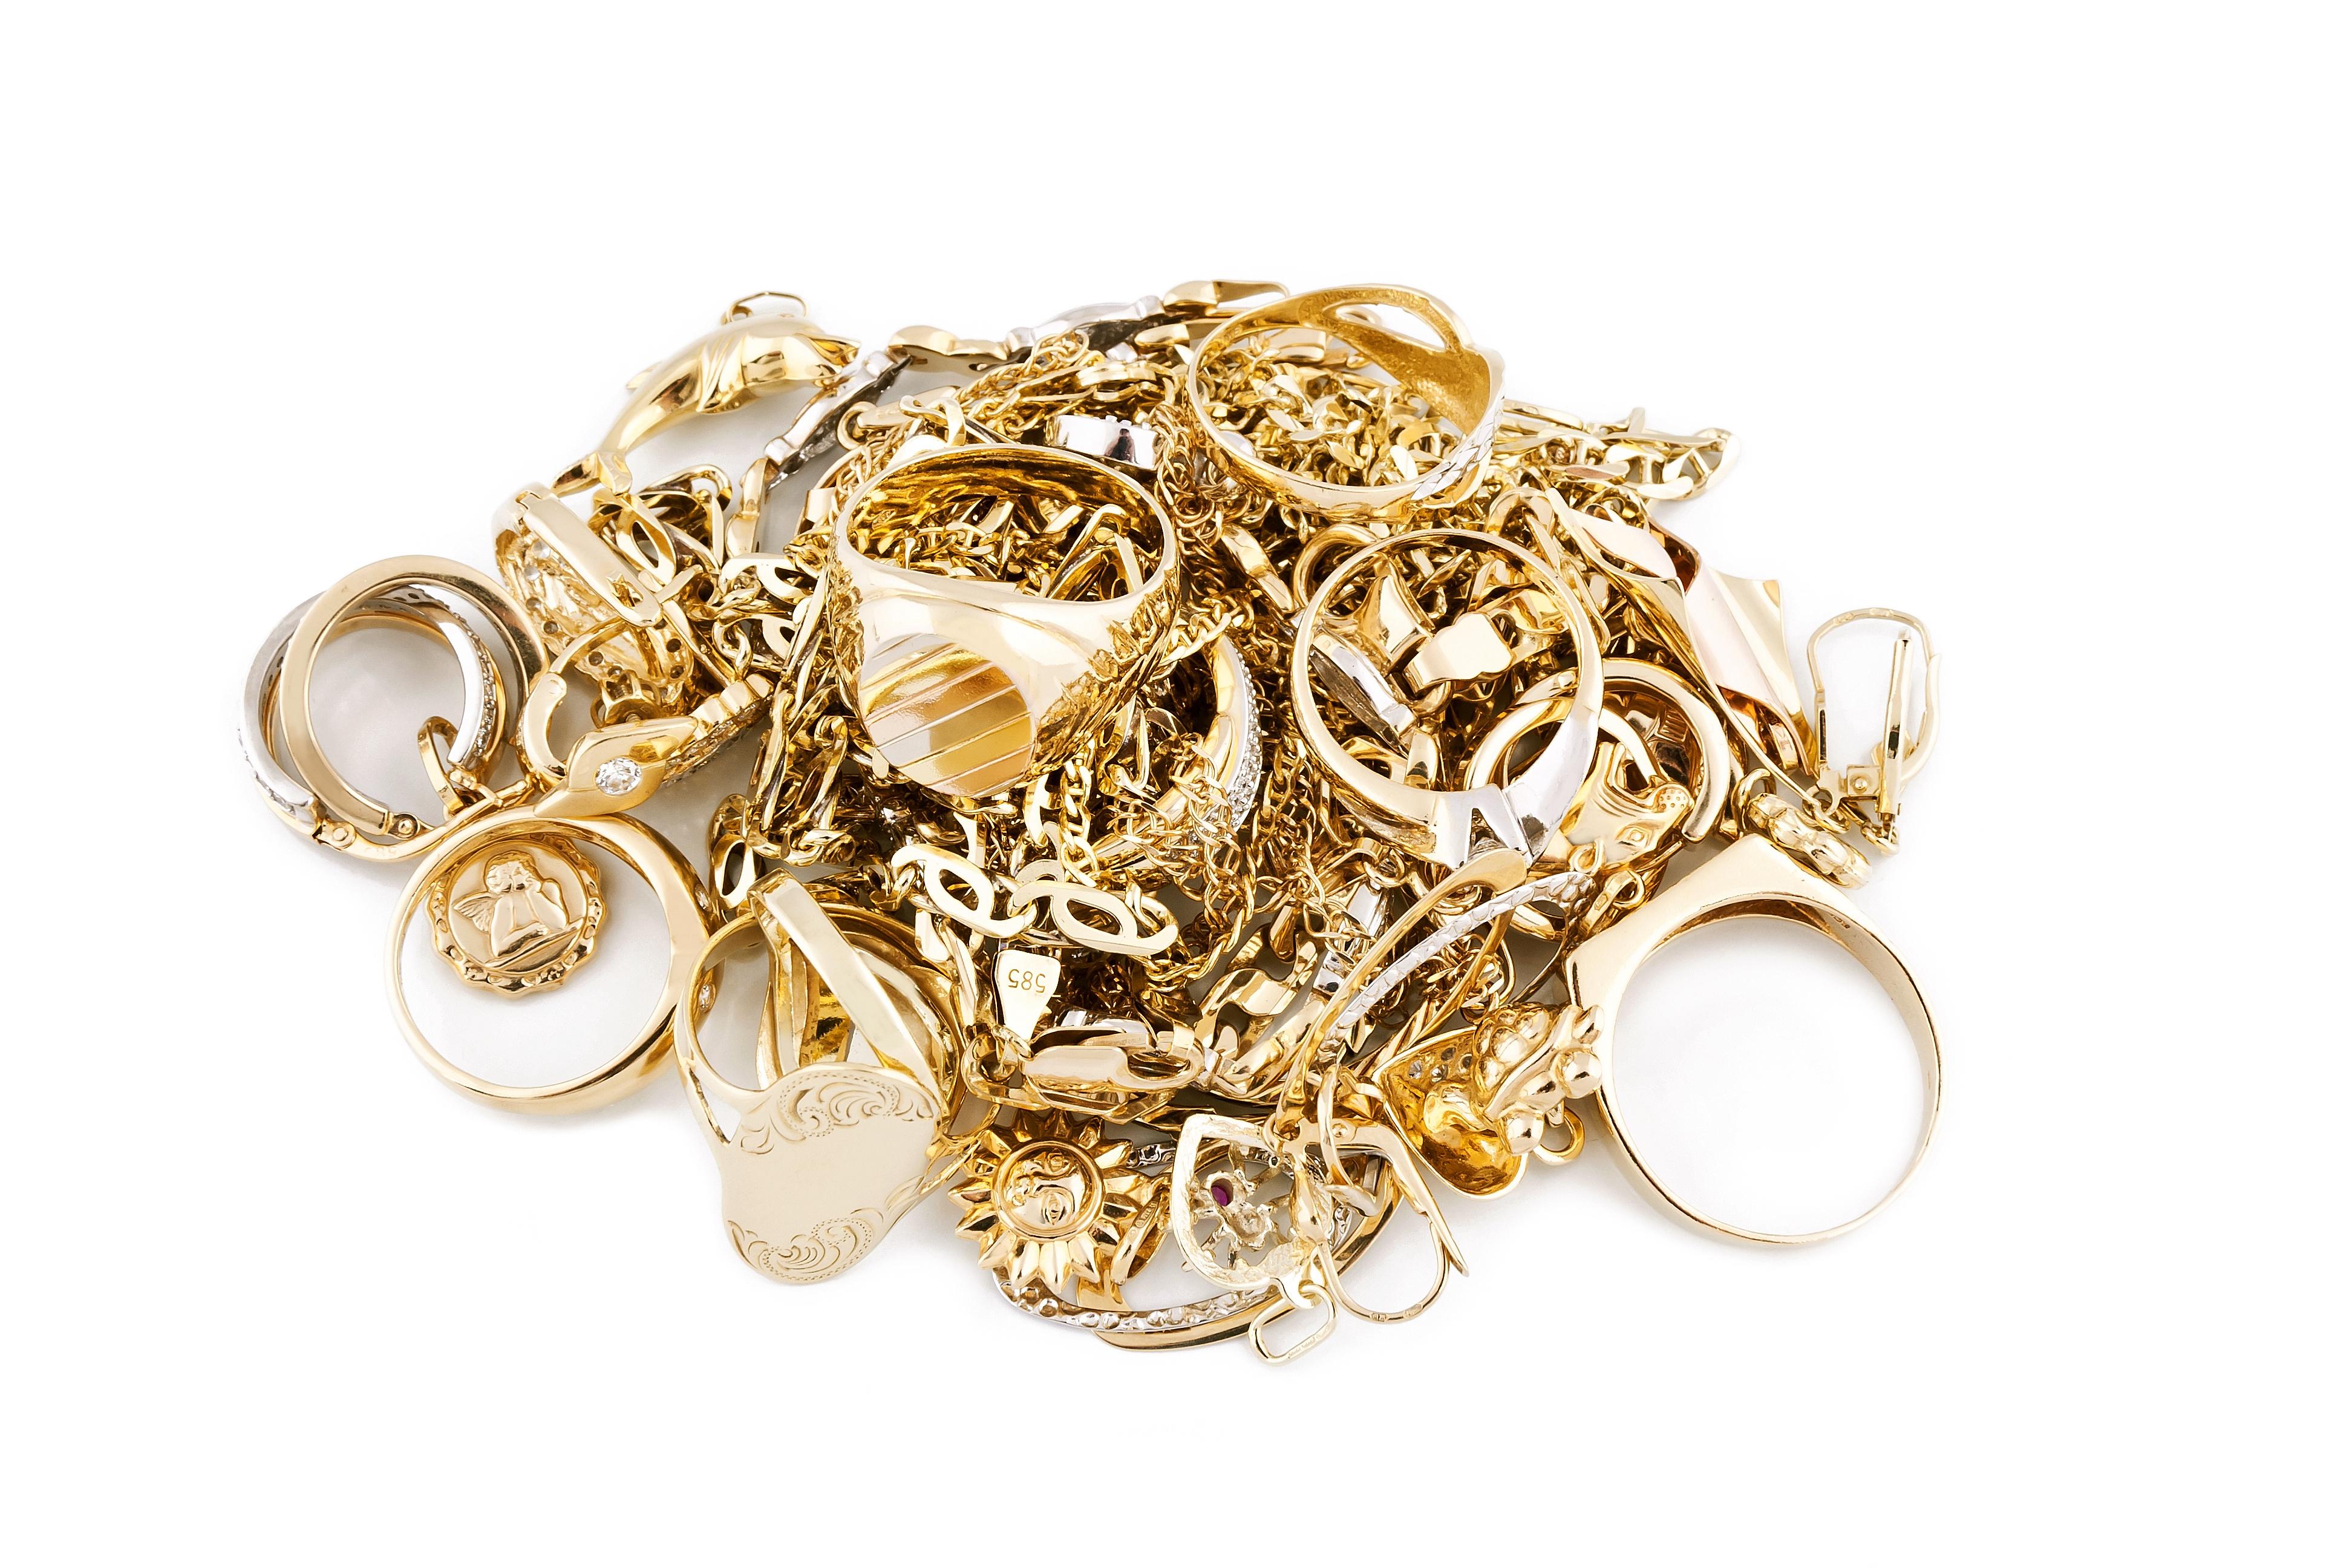 Selge gullsmykker